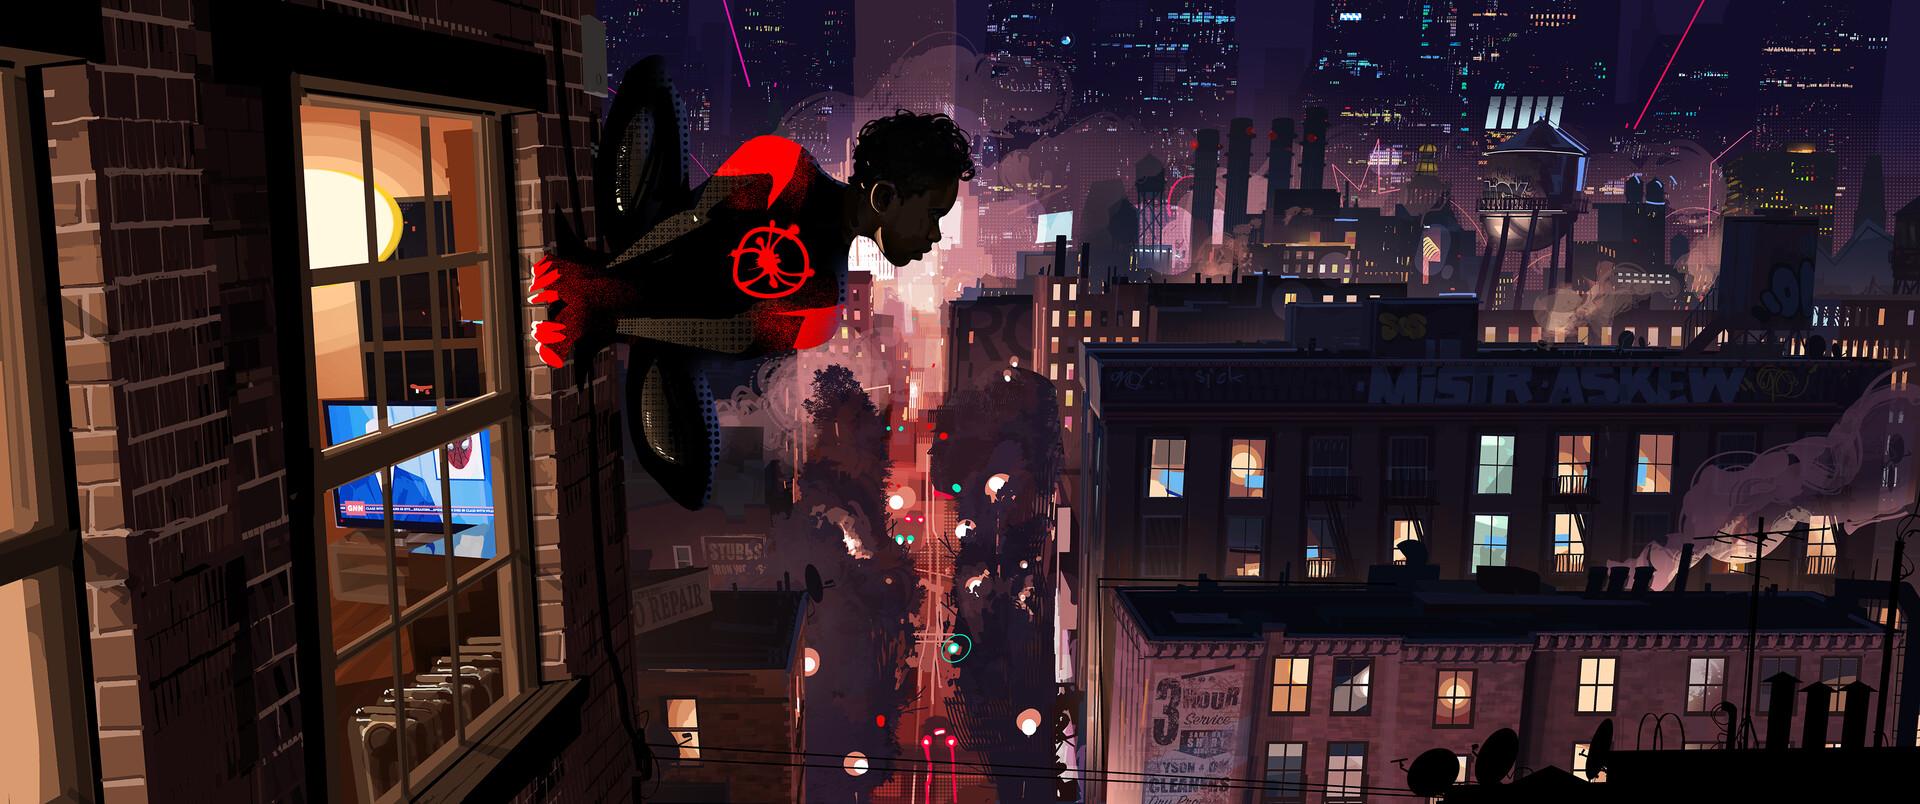 Spider-Man: Into the Spider-Verse (Film)